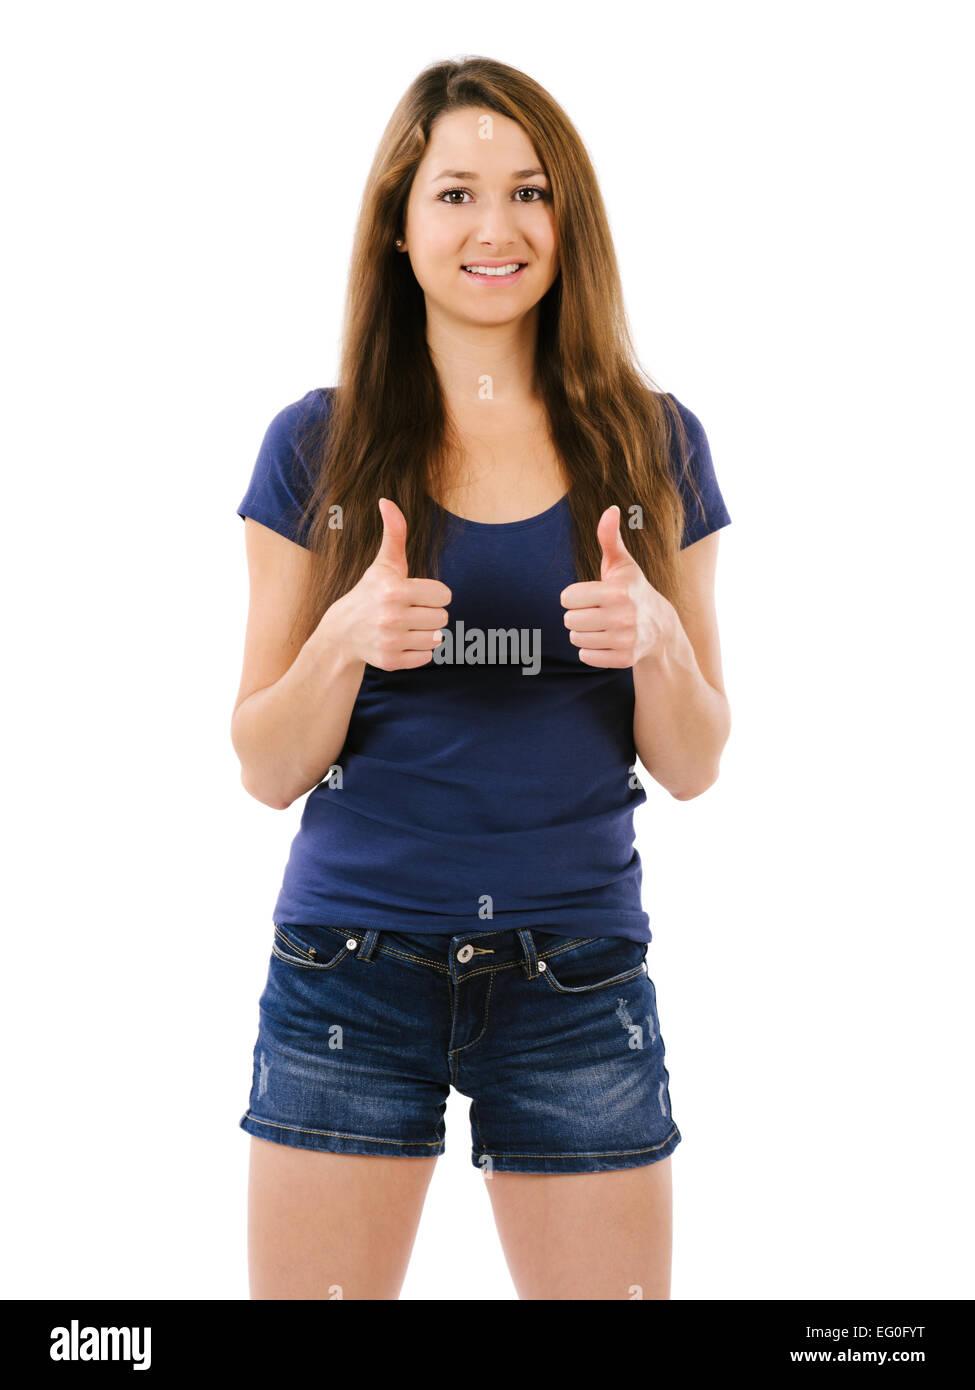 Foto einer glückliche junge Frau tun die beiden Daumen hoch Geste auf weißem Hintergrund. Stockbild